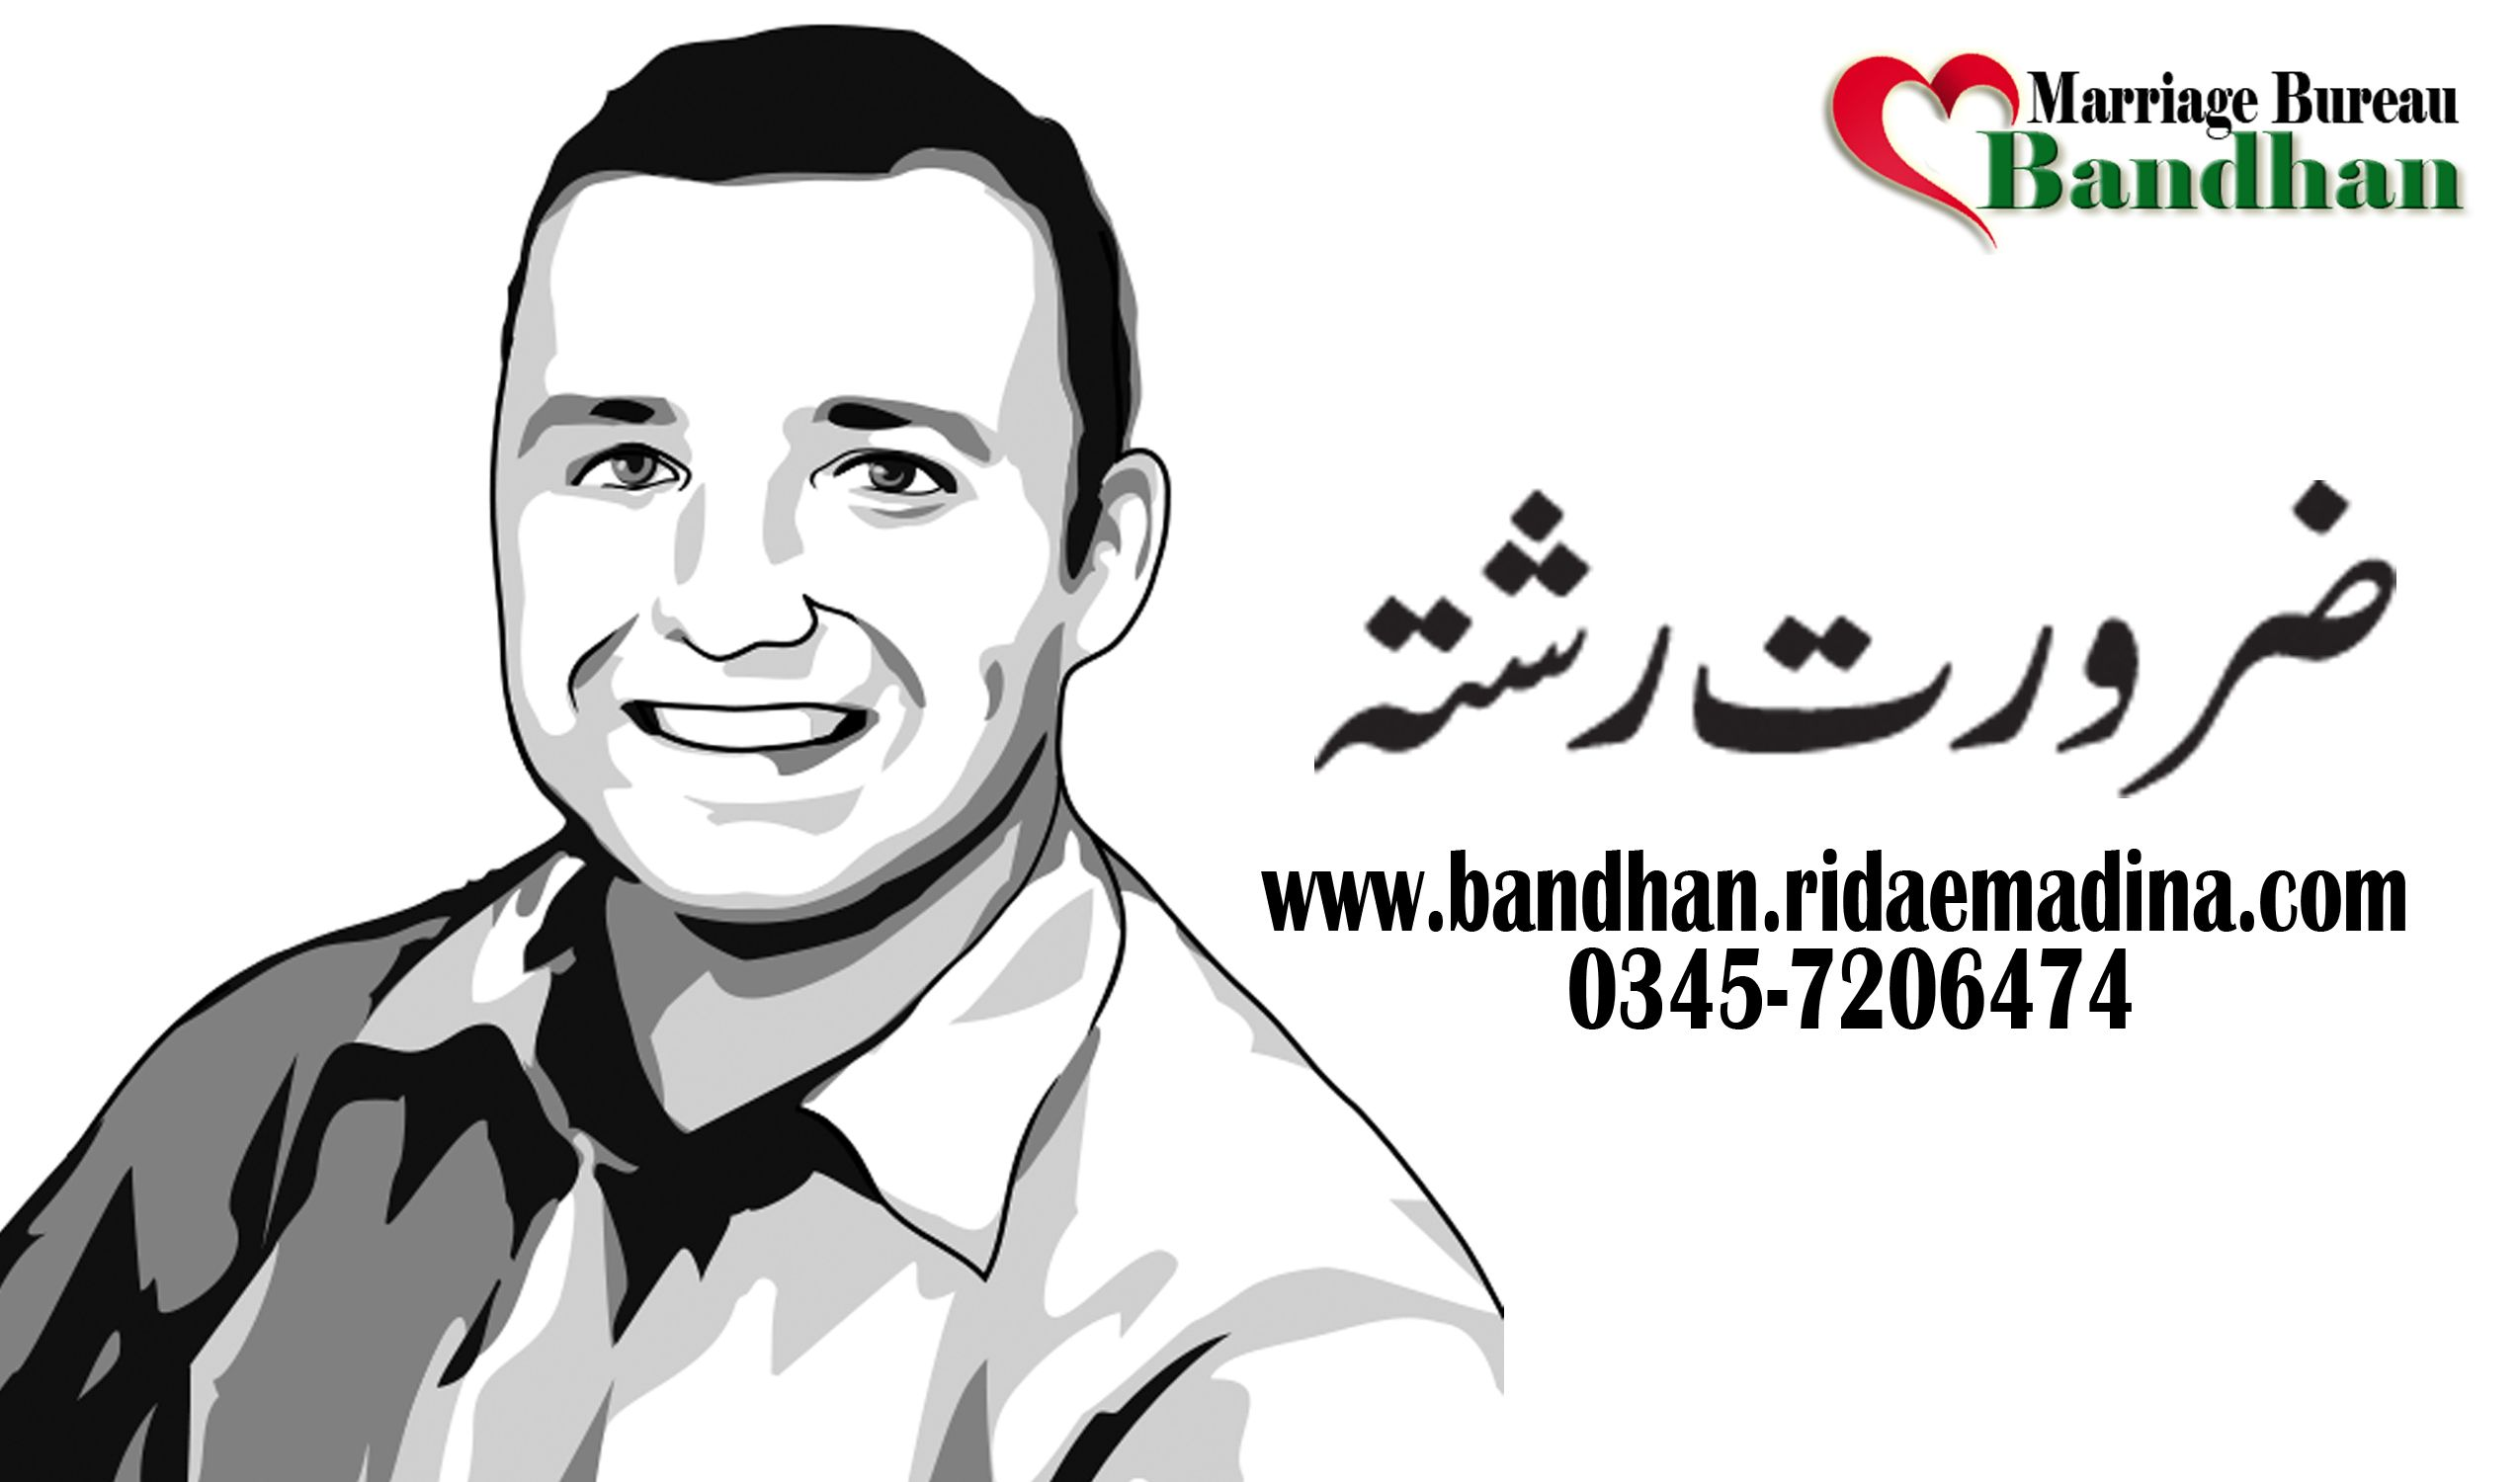 Pin by Rida-e-Madina on Marriage Bureau in Lahore | Marriage bureau